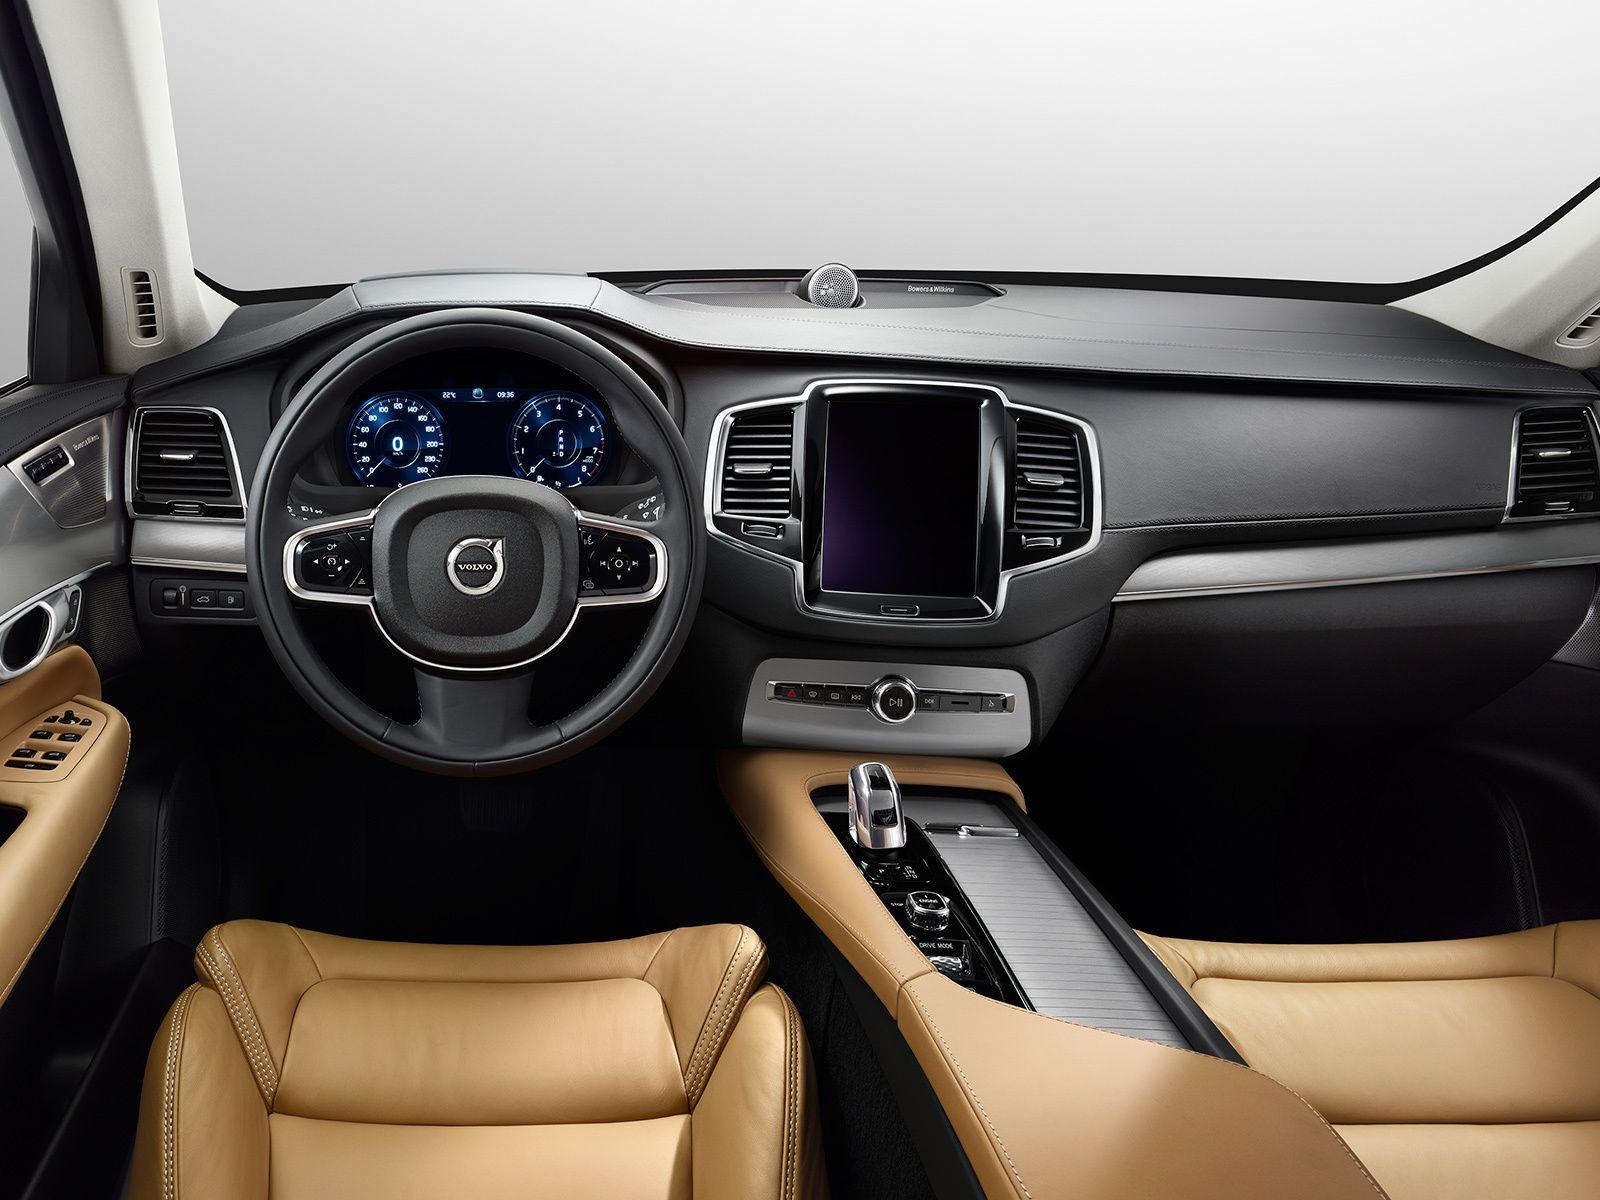 Volvo XC90 (2014) | Volvo | Pinterest | Volvo and Volvo xc90